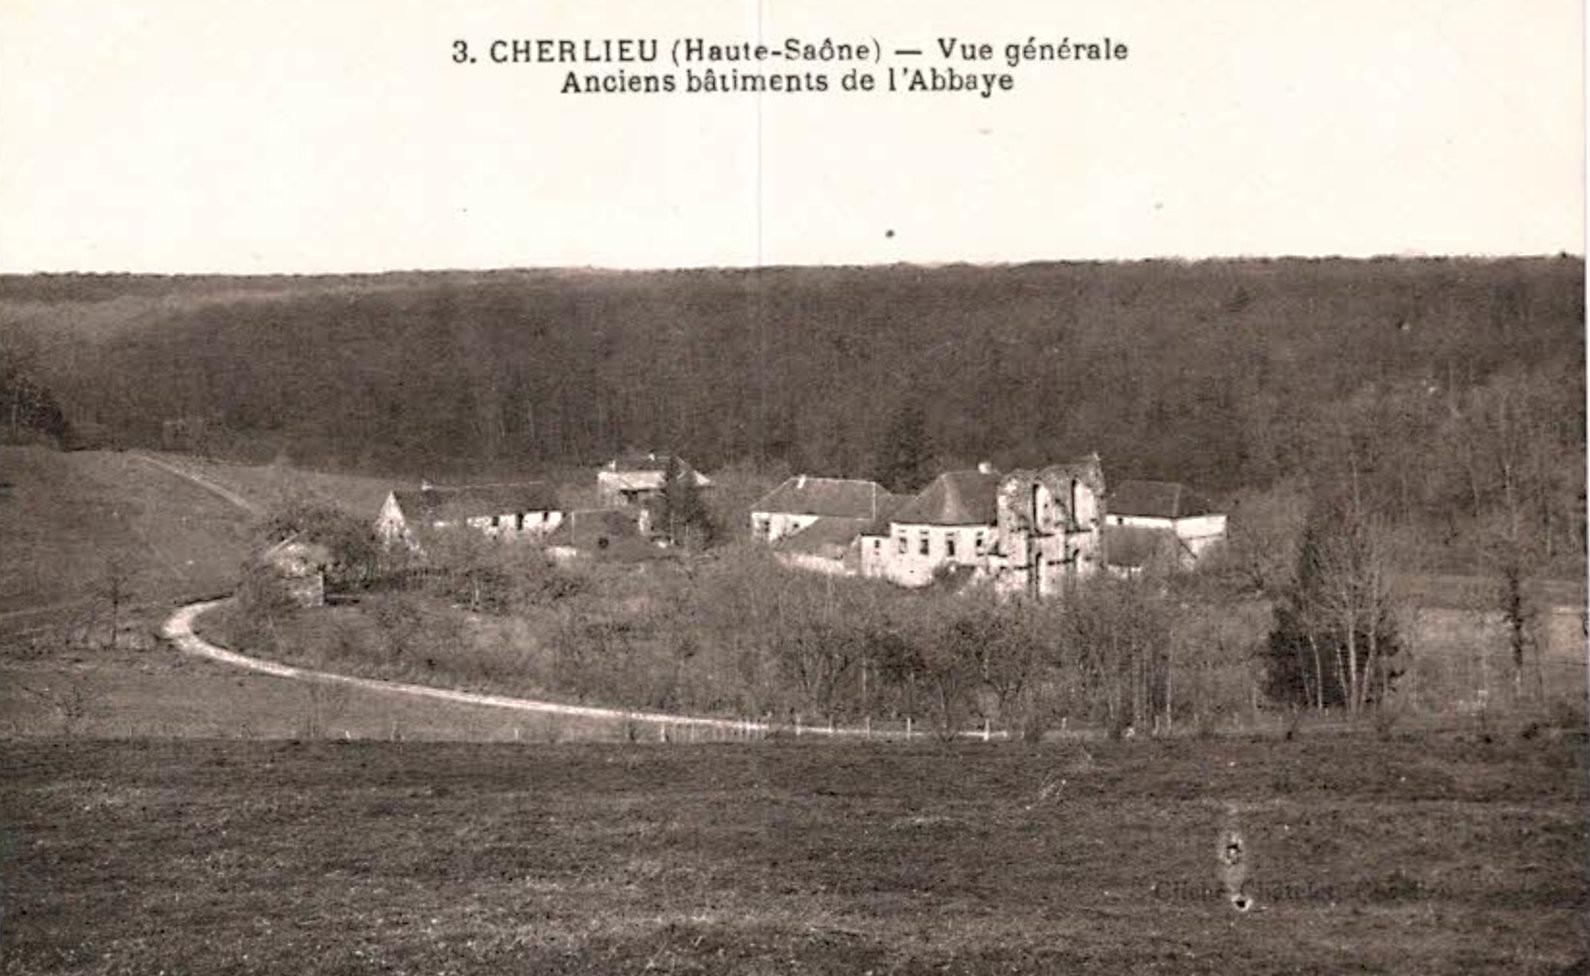 Cherlieu4a.jpg